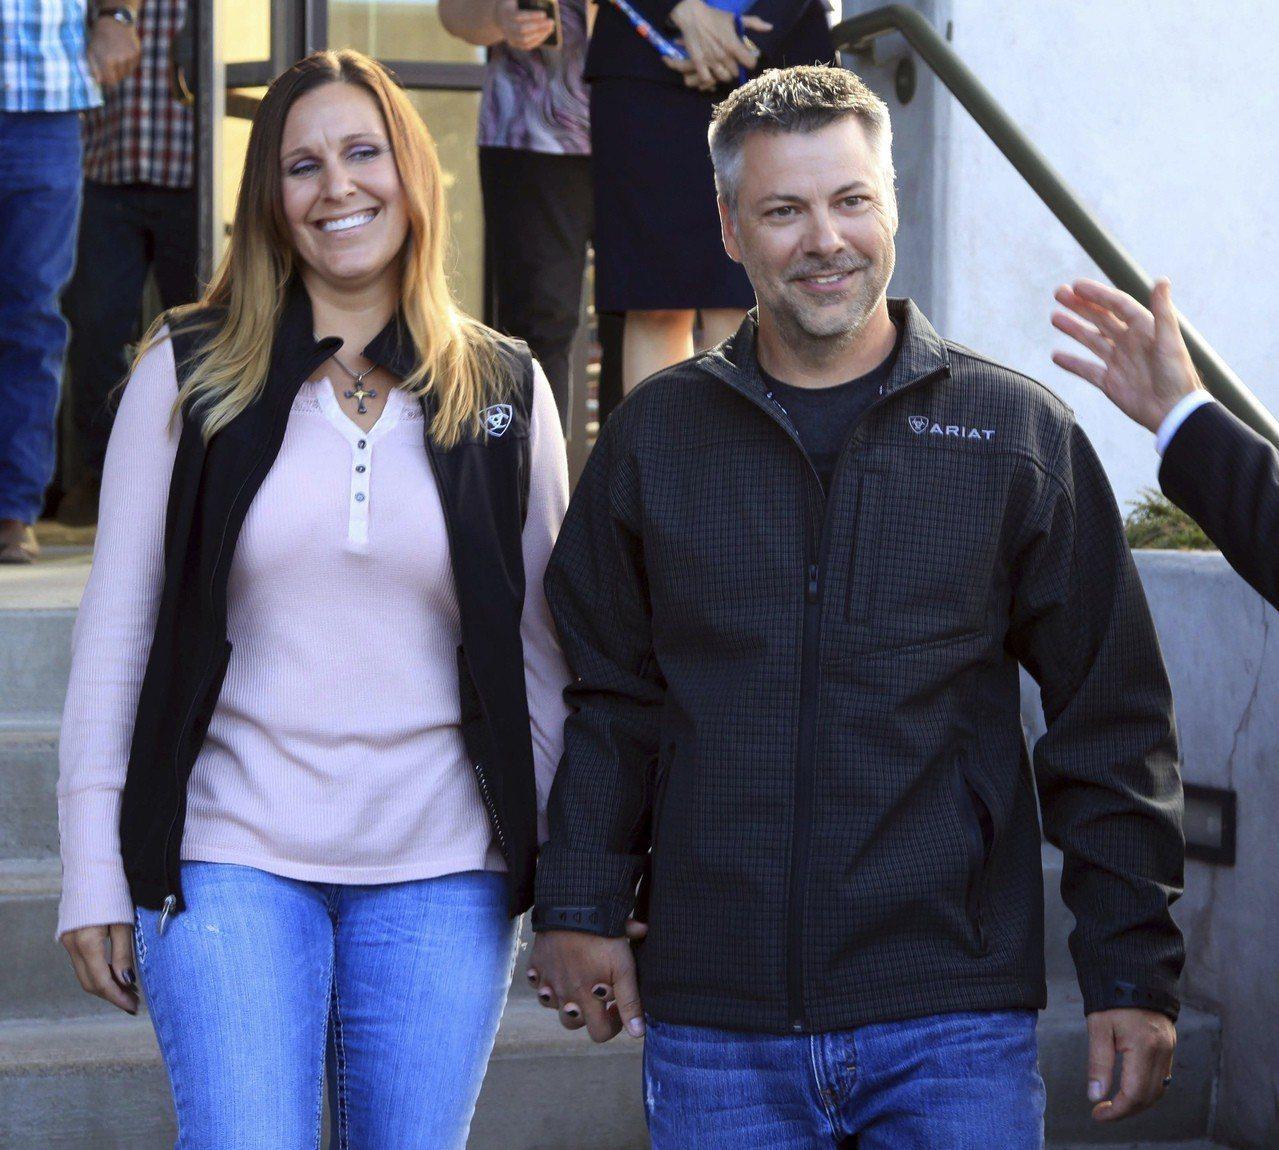 霍納(右)與妻子手牽手並微笑著從法院內走出。取自美聯社